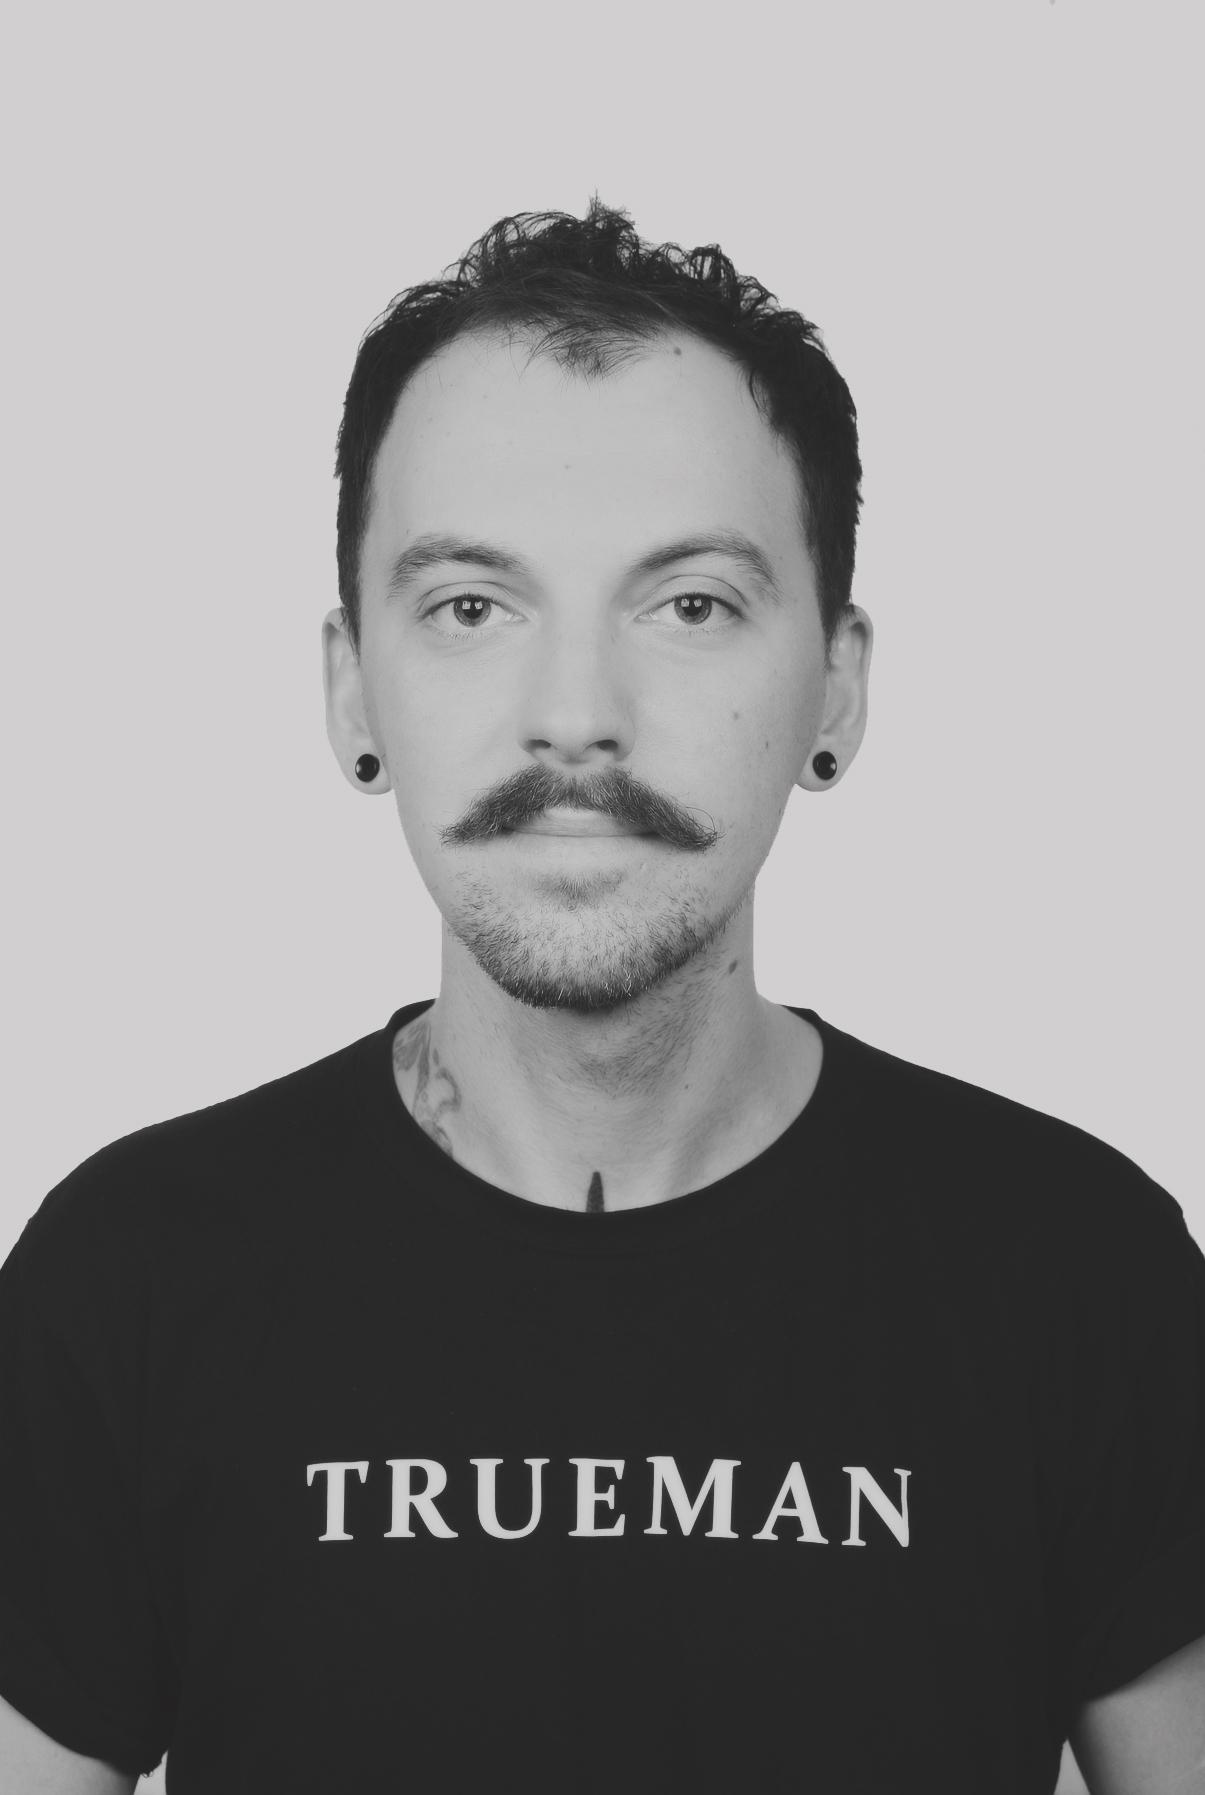 Сергей Т. барбер барбершопа TRUEMAN